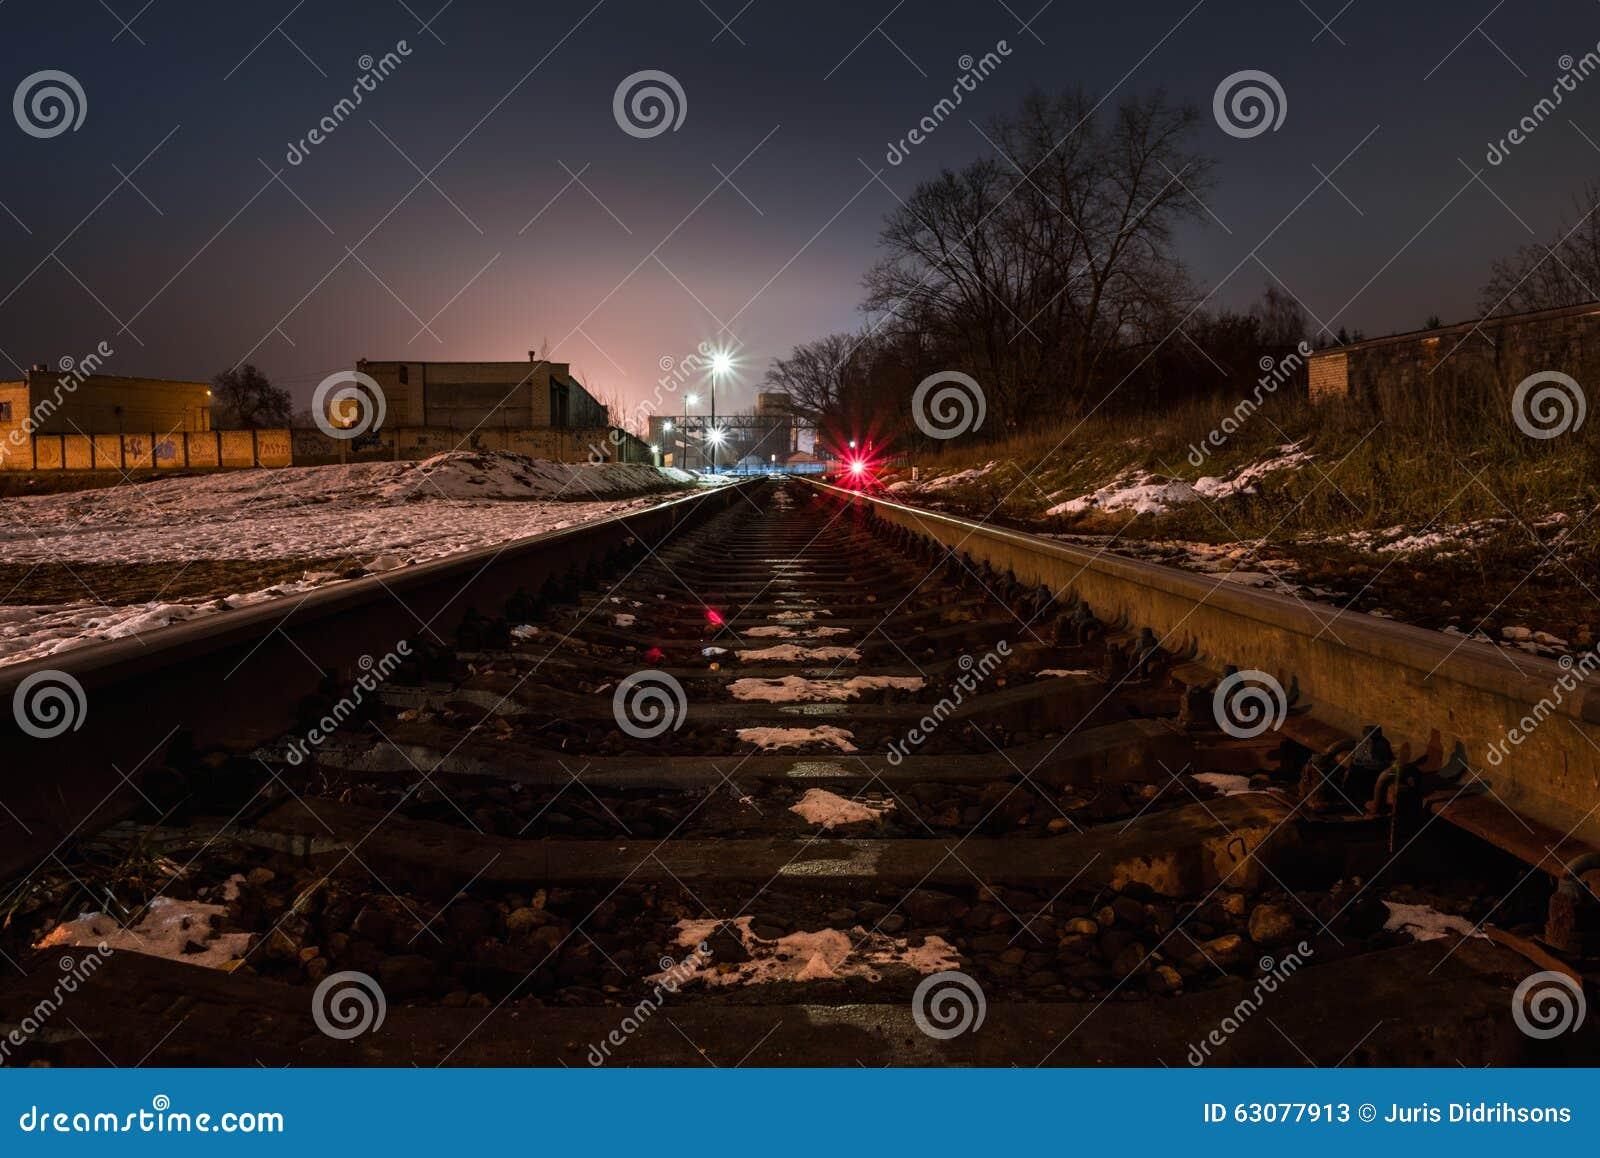 Download Vue De Nuit Du Chemin De Fer Image stock - Image du scène, plateforme: 63077913